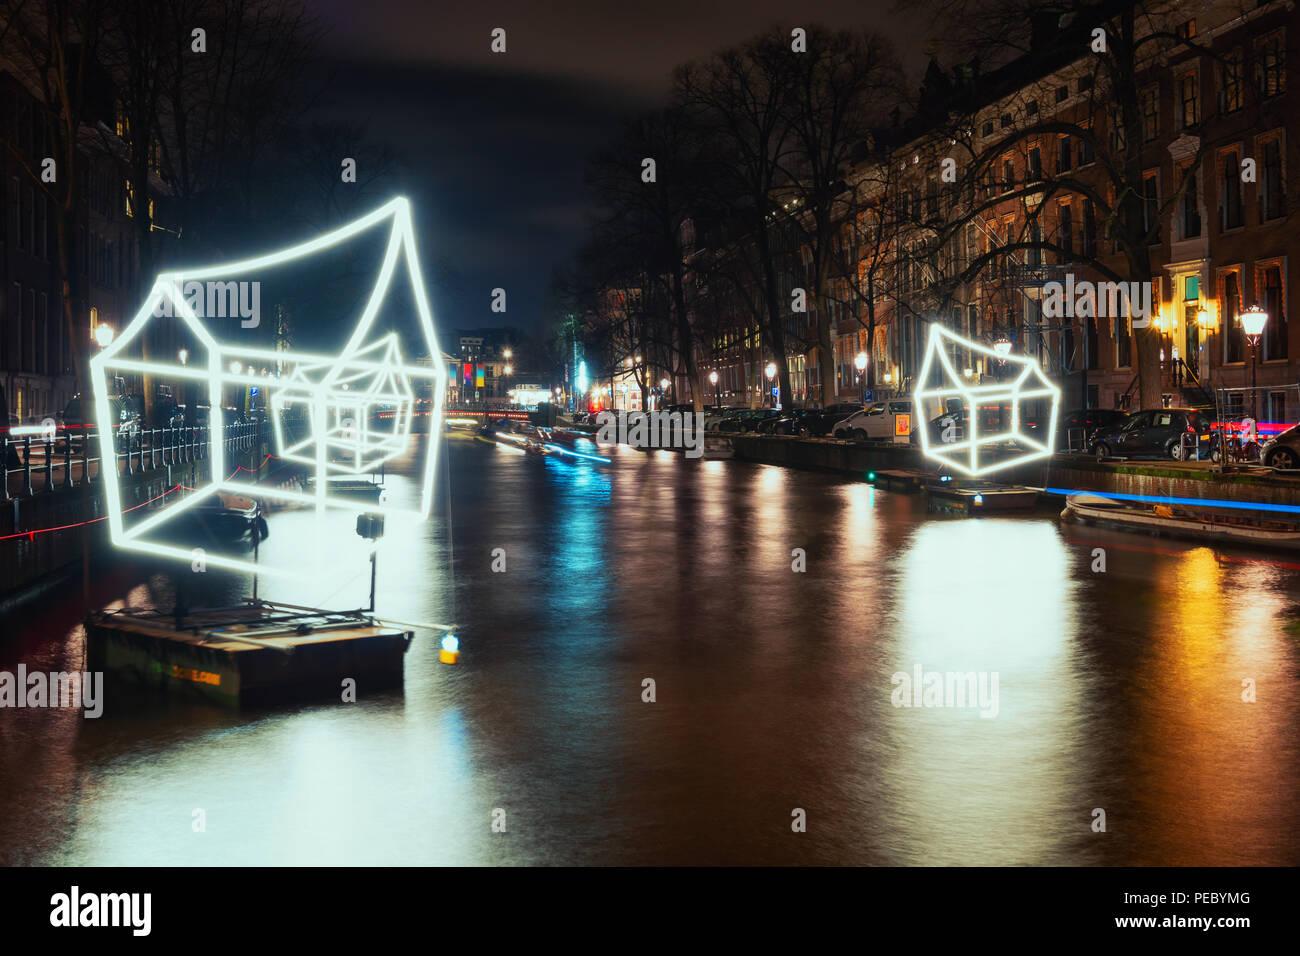 Licht Tour Amsterdam : Amsterdam niederlande dezember cottages von licht